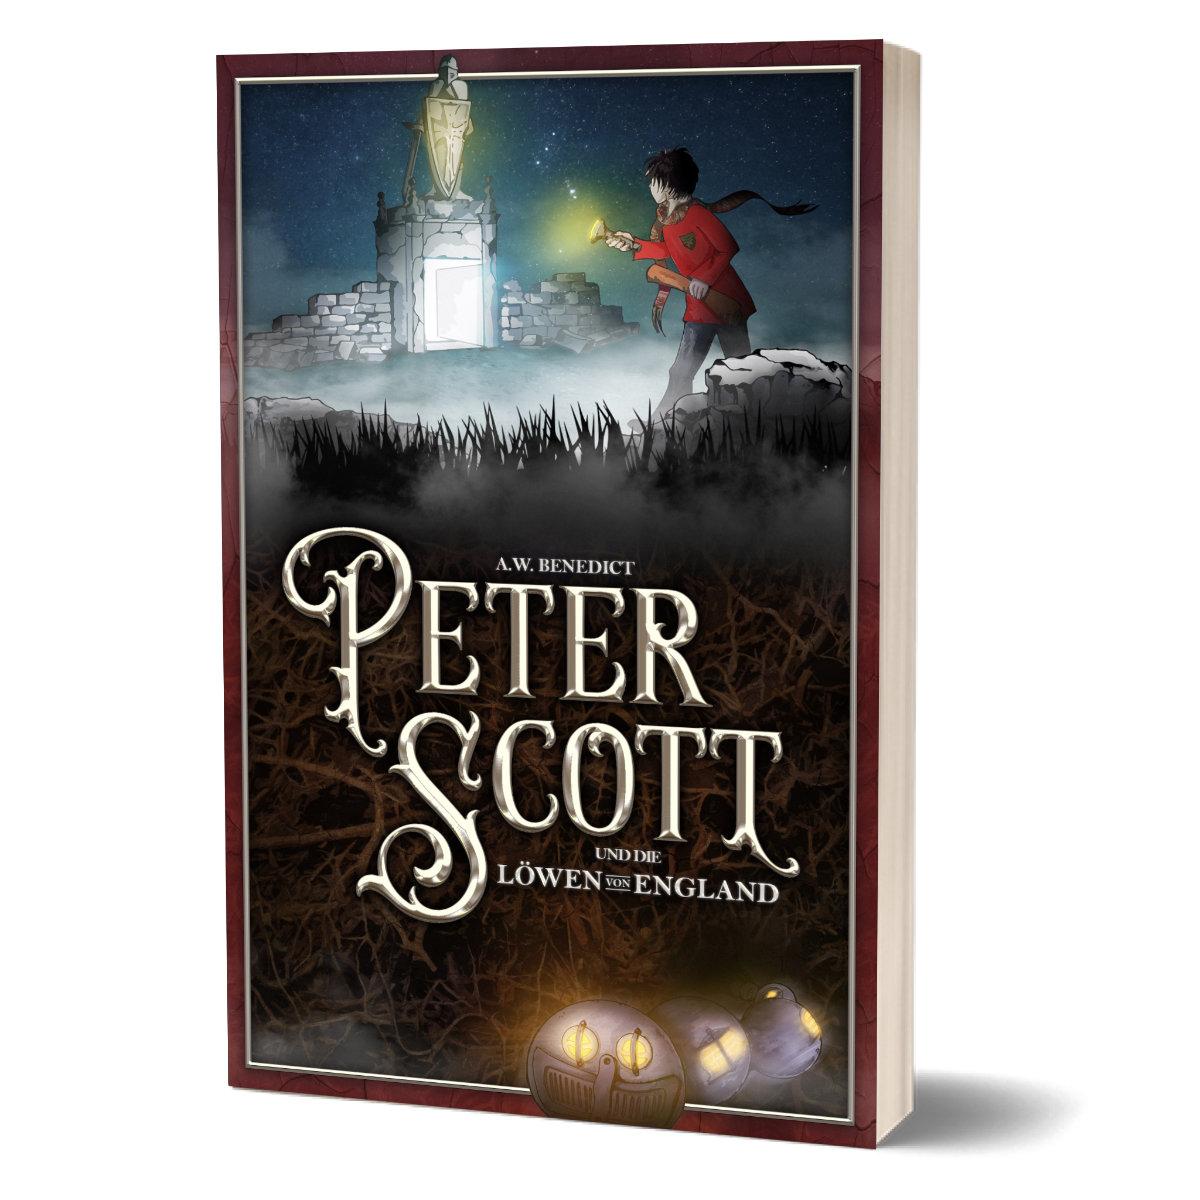 Peter Scott und die Löwen von England